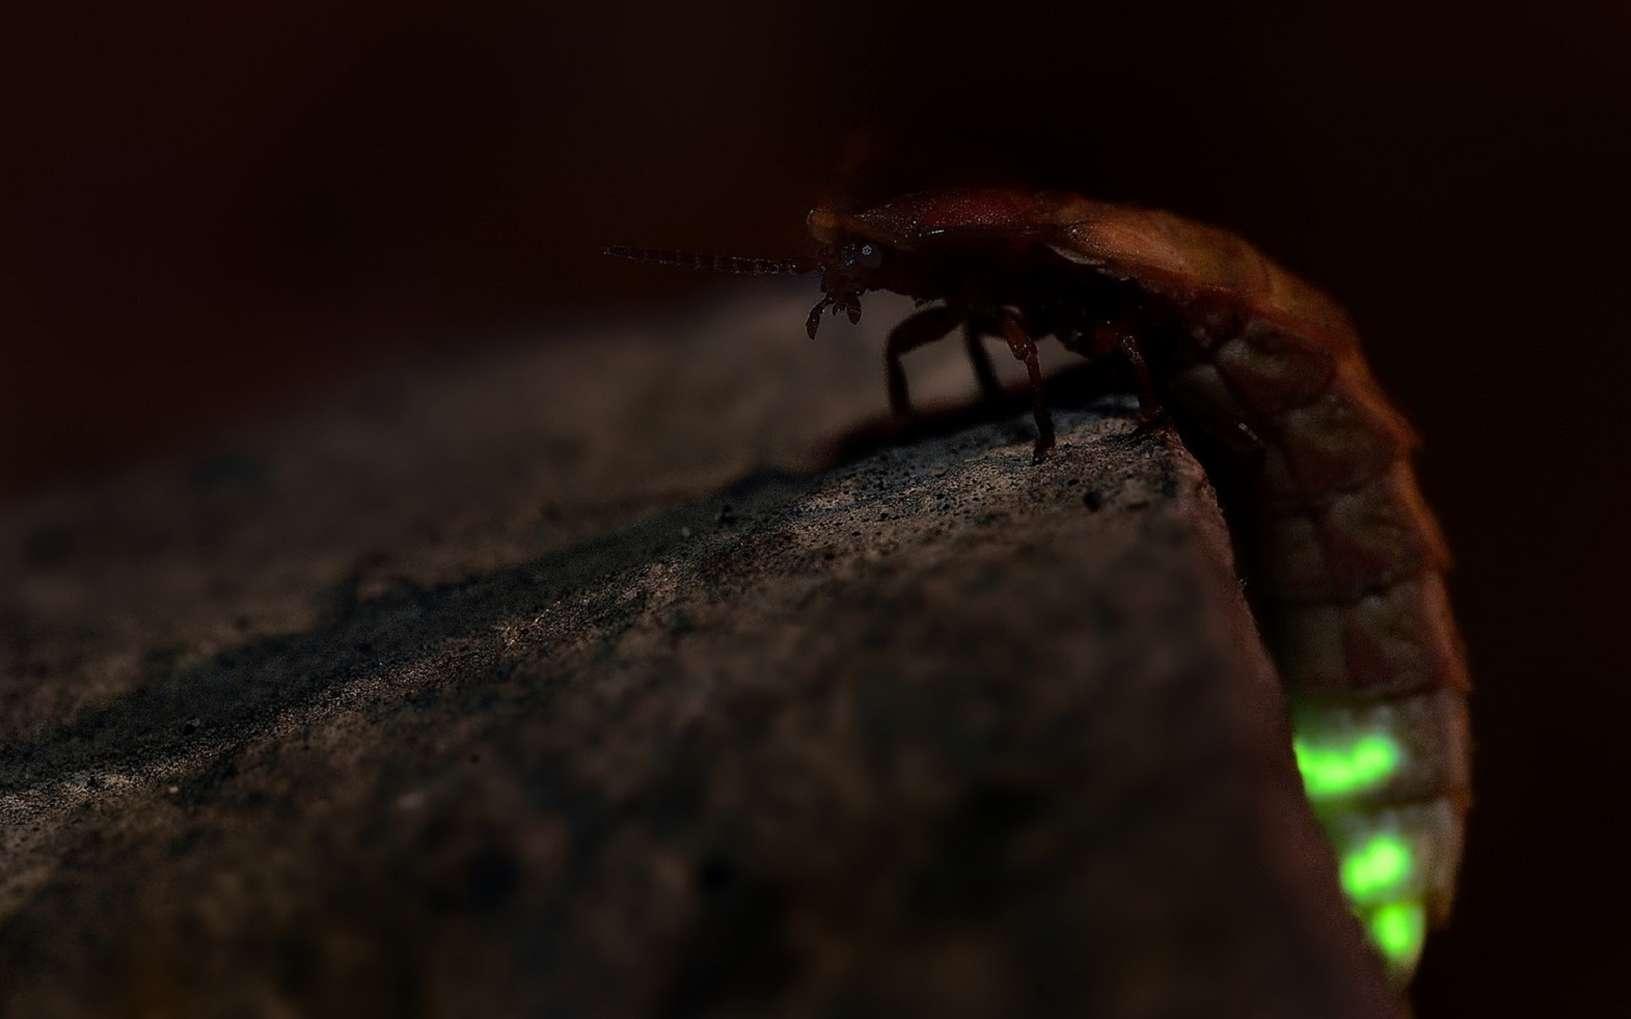 Seule la femelle de Lampyris noctulica émet de la lumière au bout de son abdomen. © phototrip.cz, Fotolia